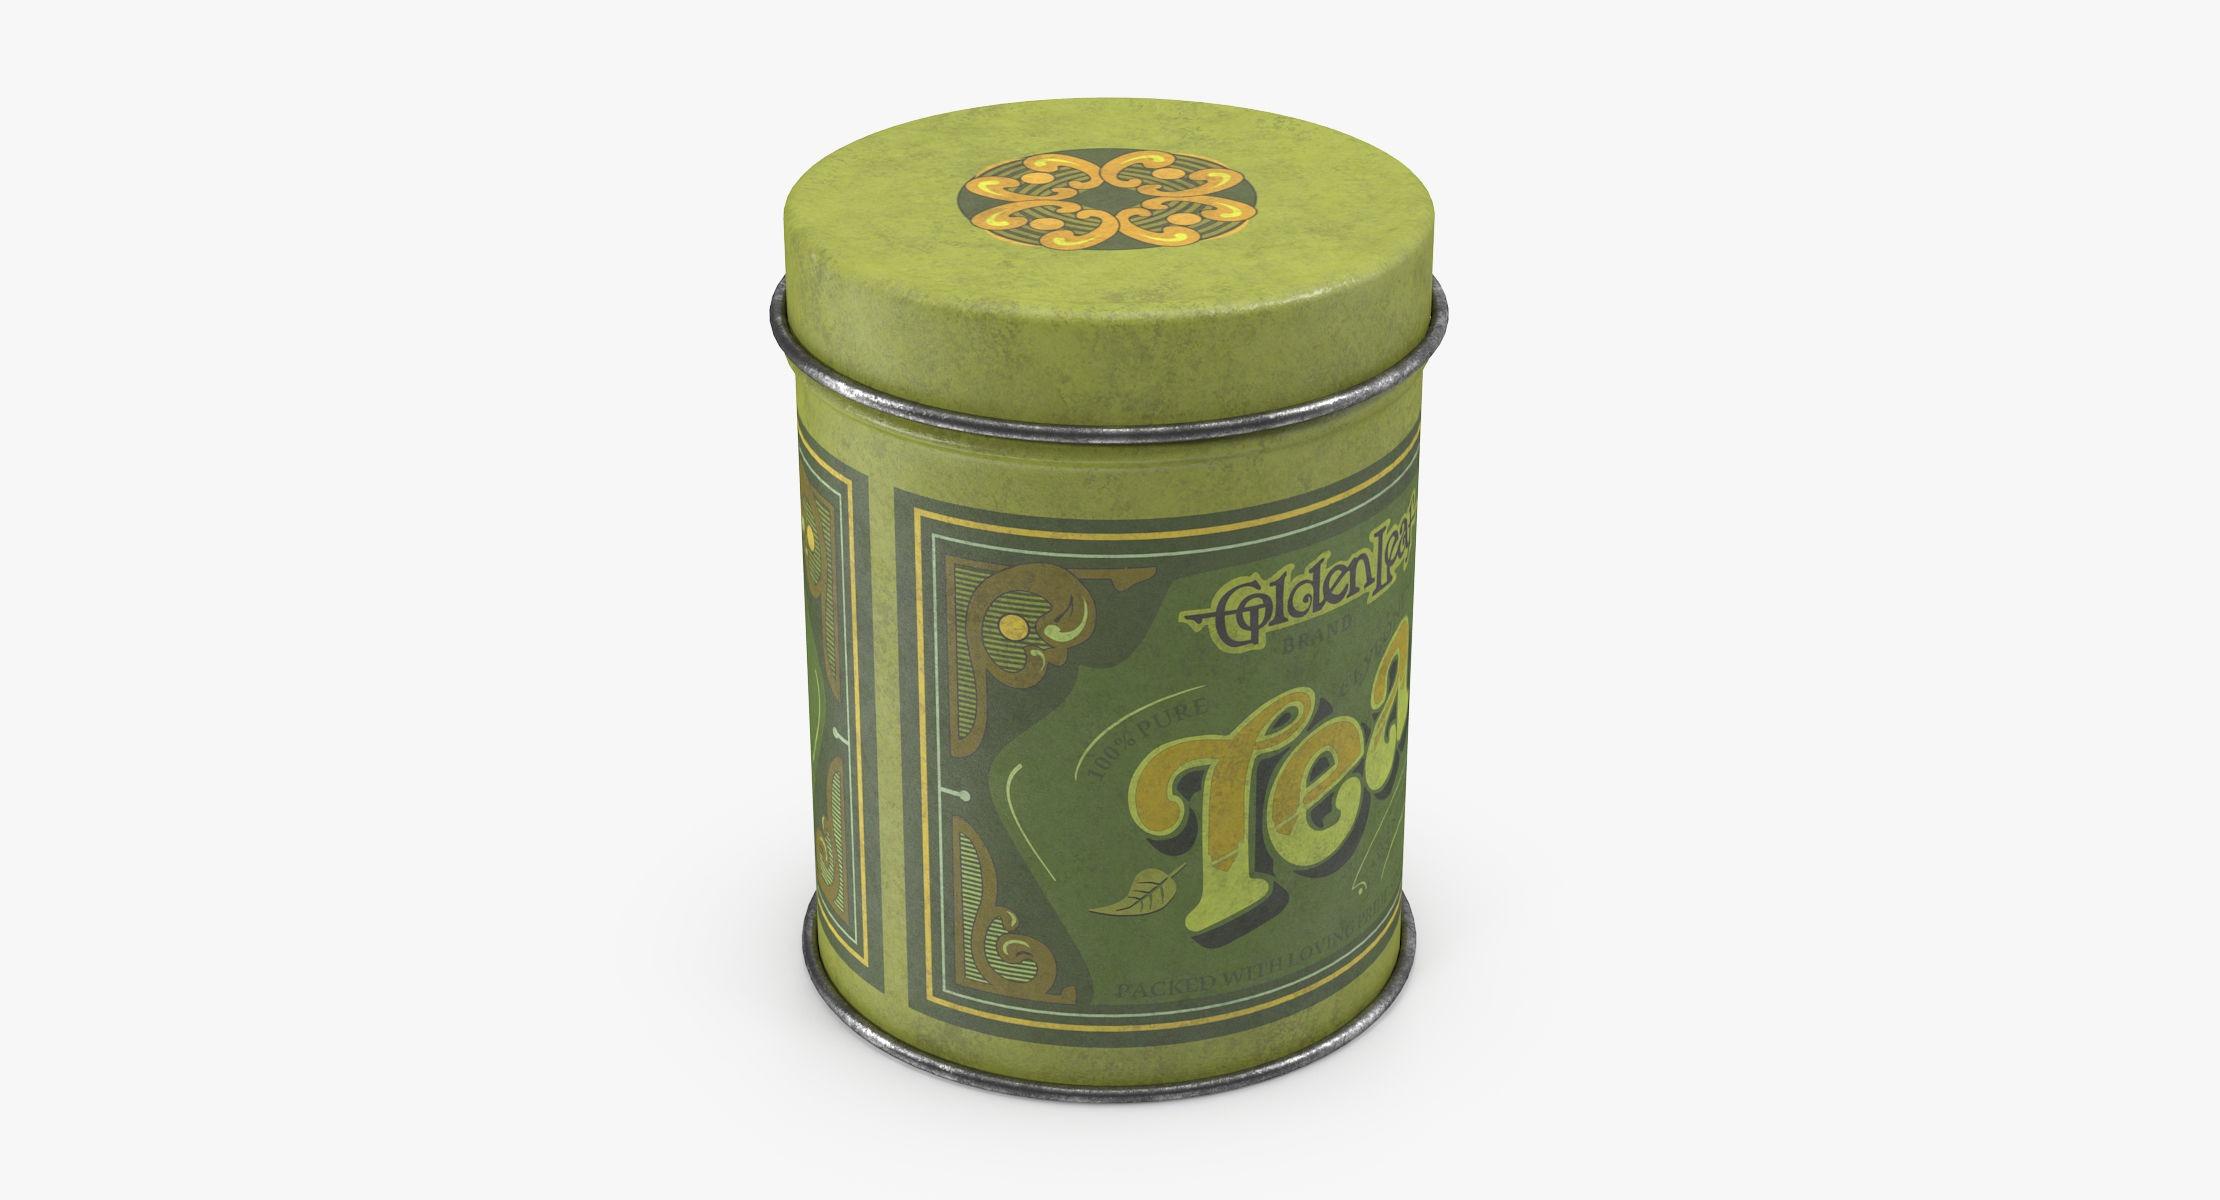 Vintage Metal Kitchen Tin Tea - reel 1